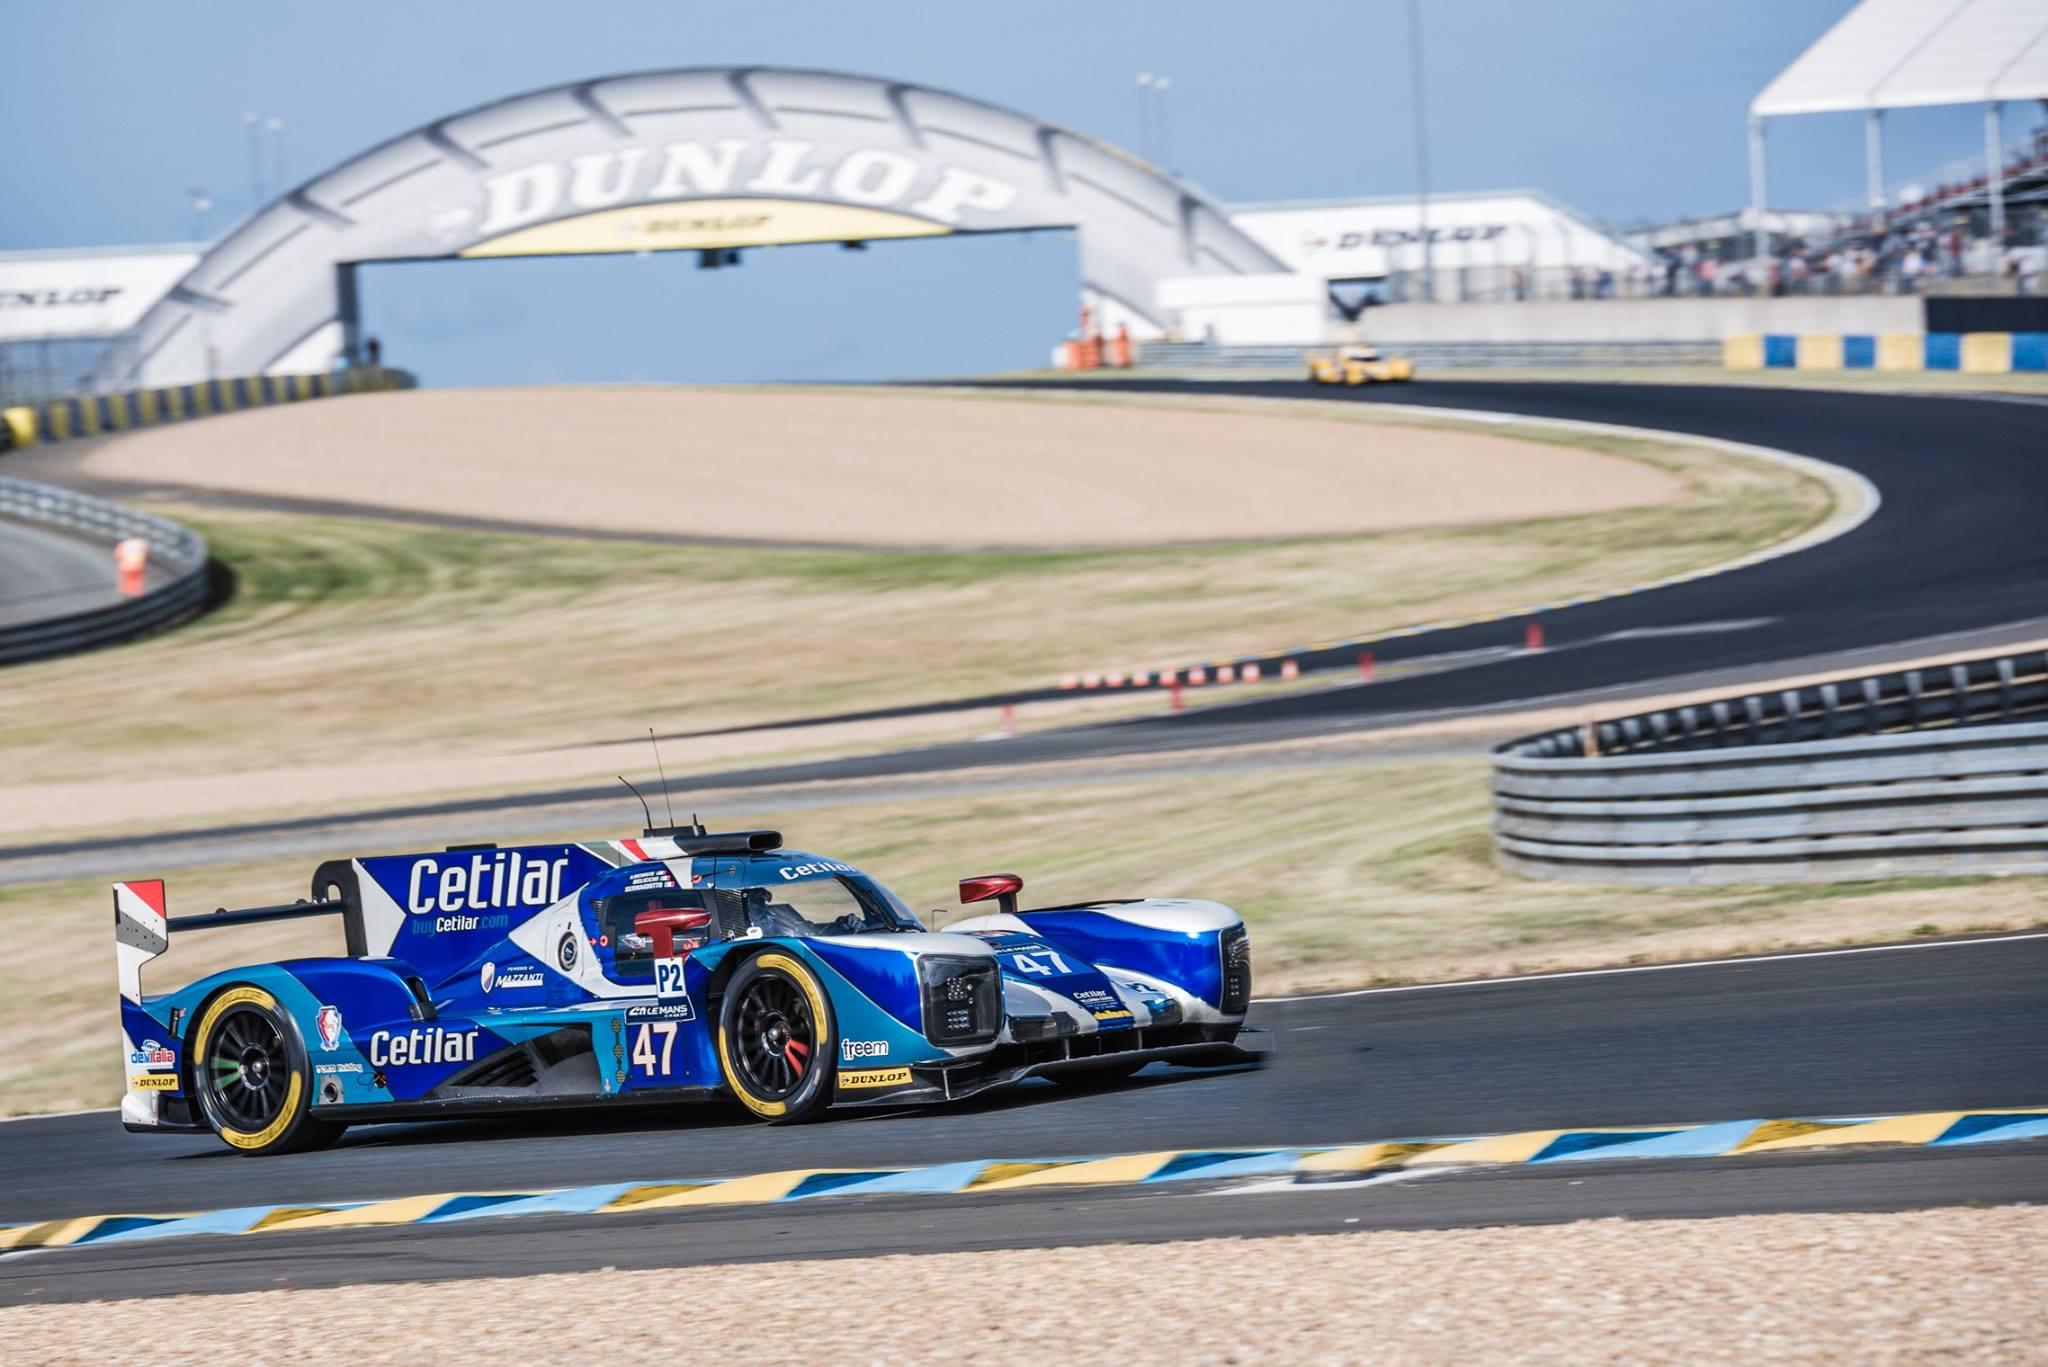 """Il docufilm """"Road to Le Mans"""" sarà proiettato giovedì 8 giugno alle 18.30 a Pisa"""